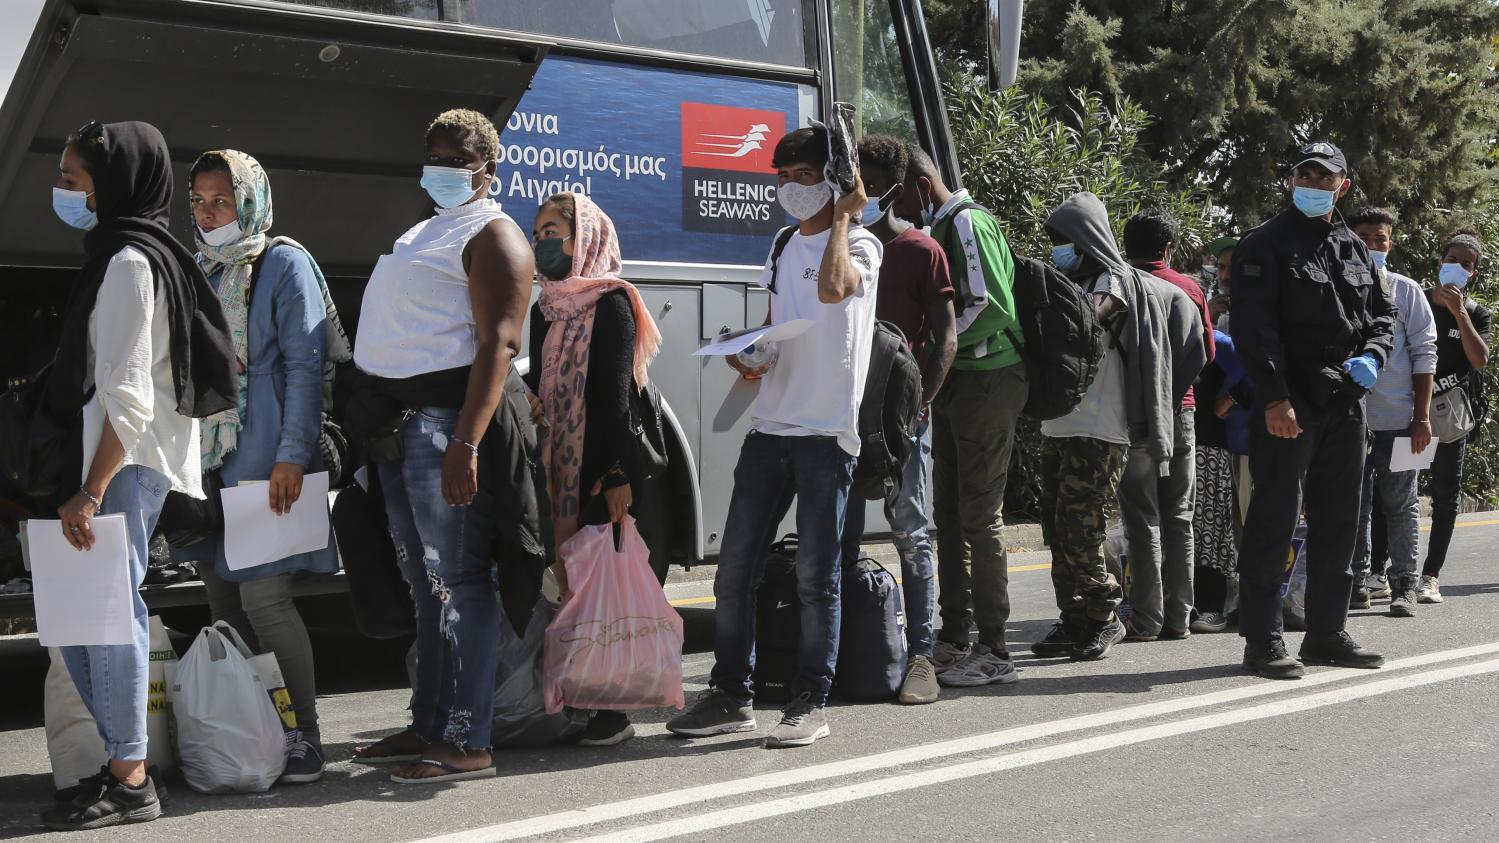 Grèce : 700 migrants de l'île de Lesbos transférés vers le continent